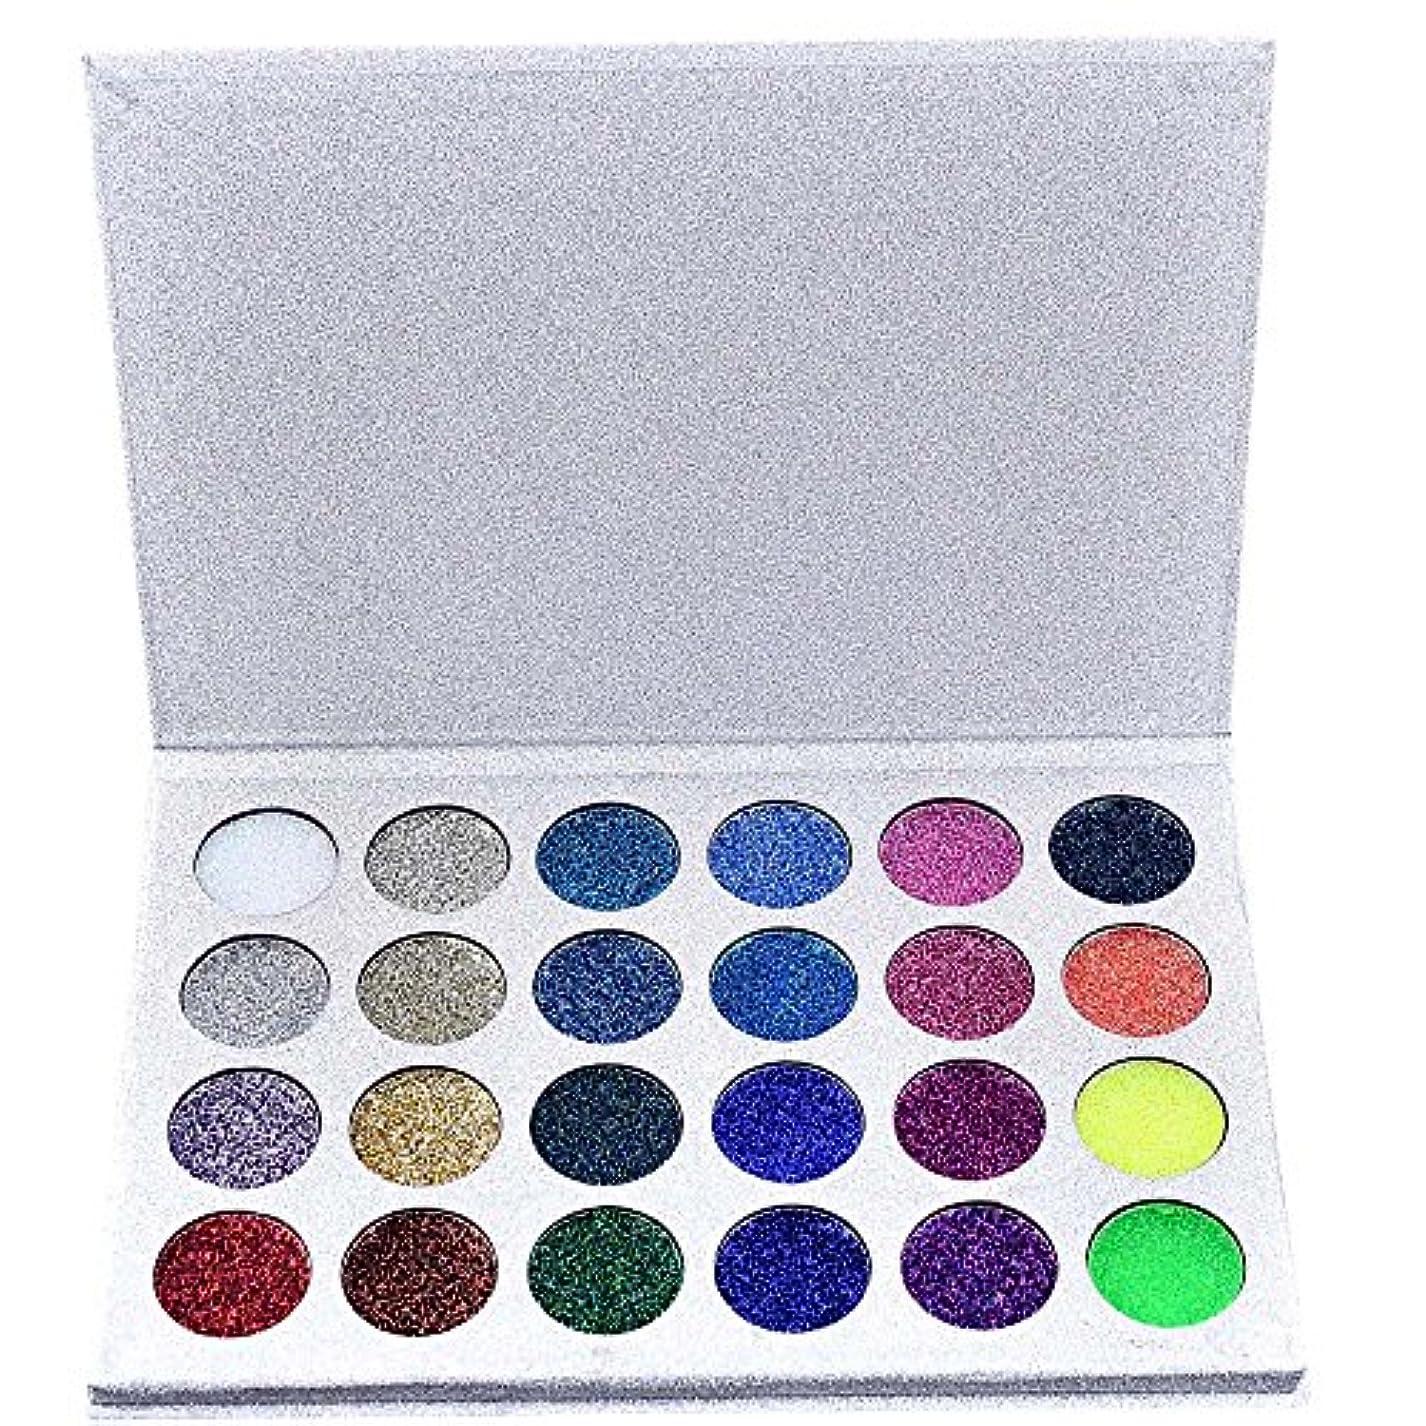 指踏みつけ超える24色化粧品パウダーアイシャドーパレットメイクナチュラルシマーマットセット